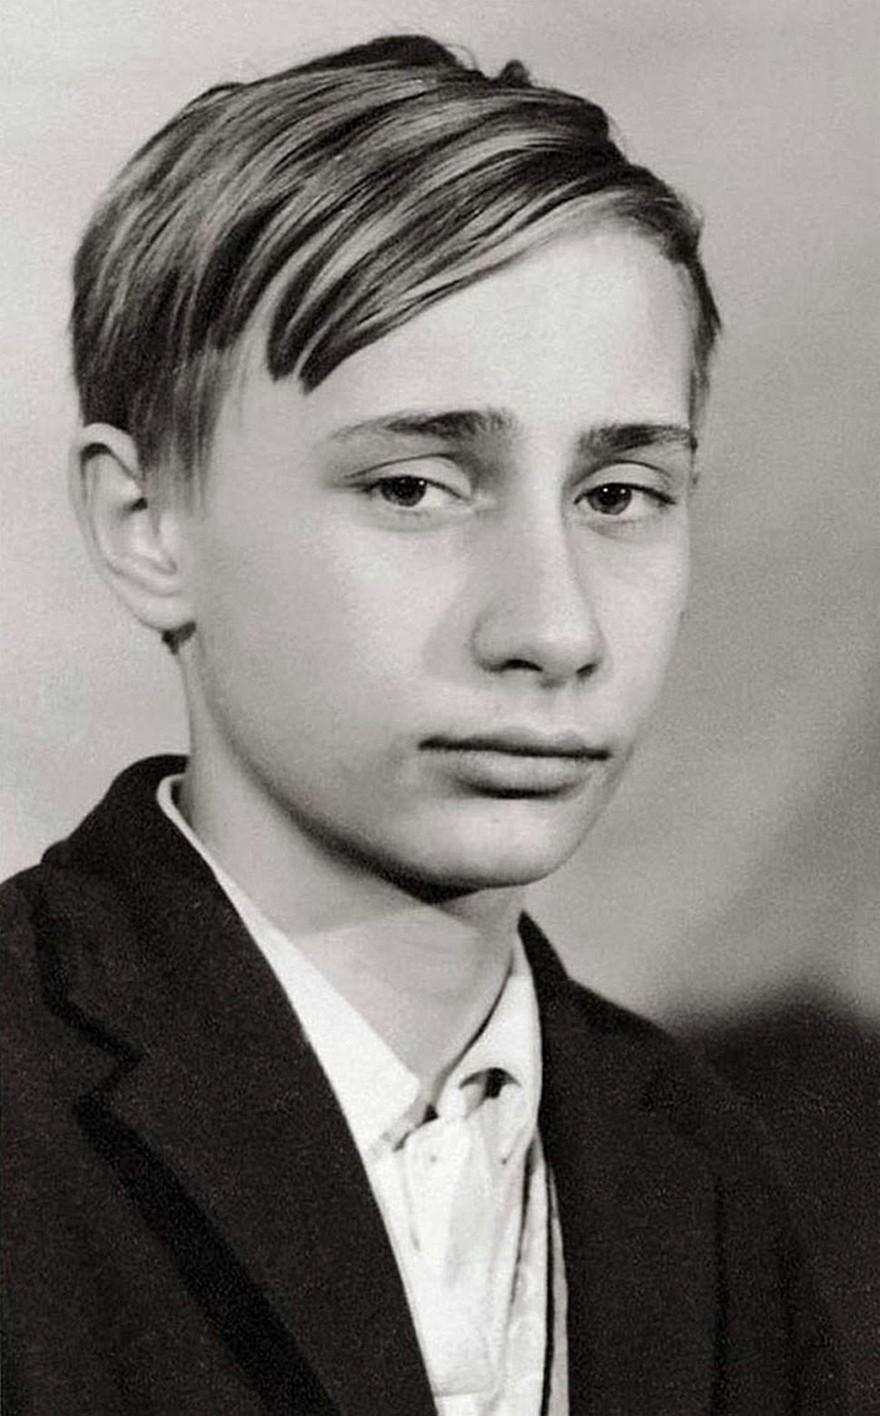 Vladimir Putin - 10 Fotografii Surprinzatoare cu Lideri Politici ai Lumii Inainte sa Devina Faimosi